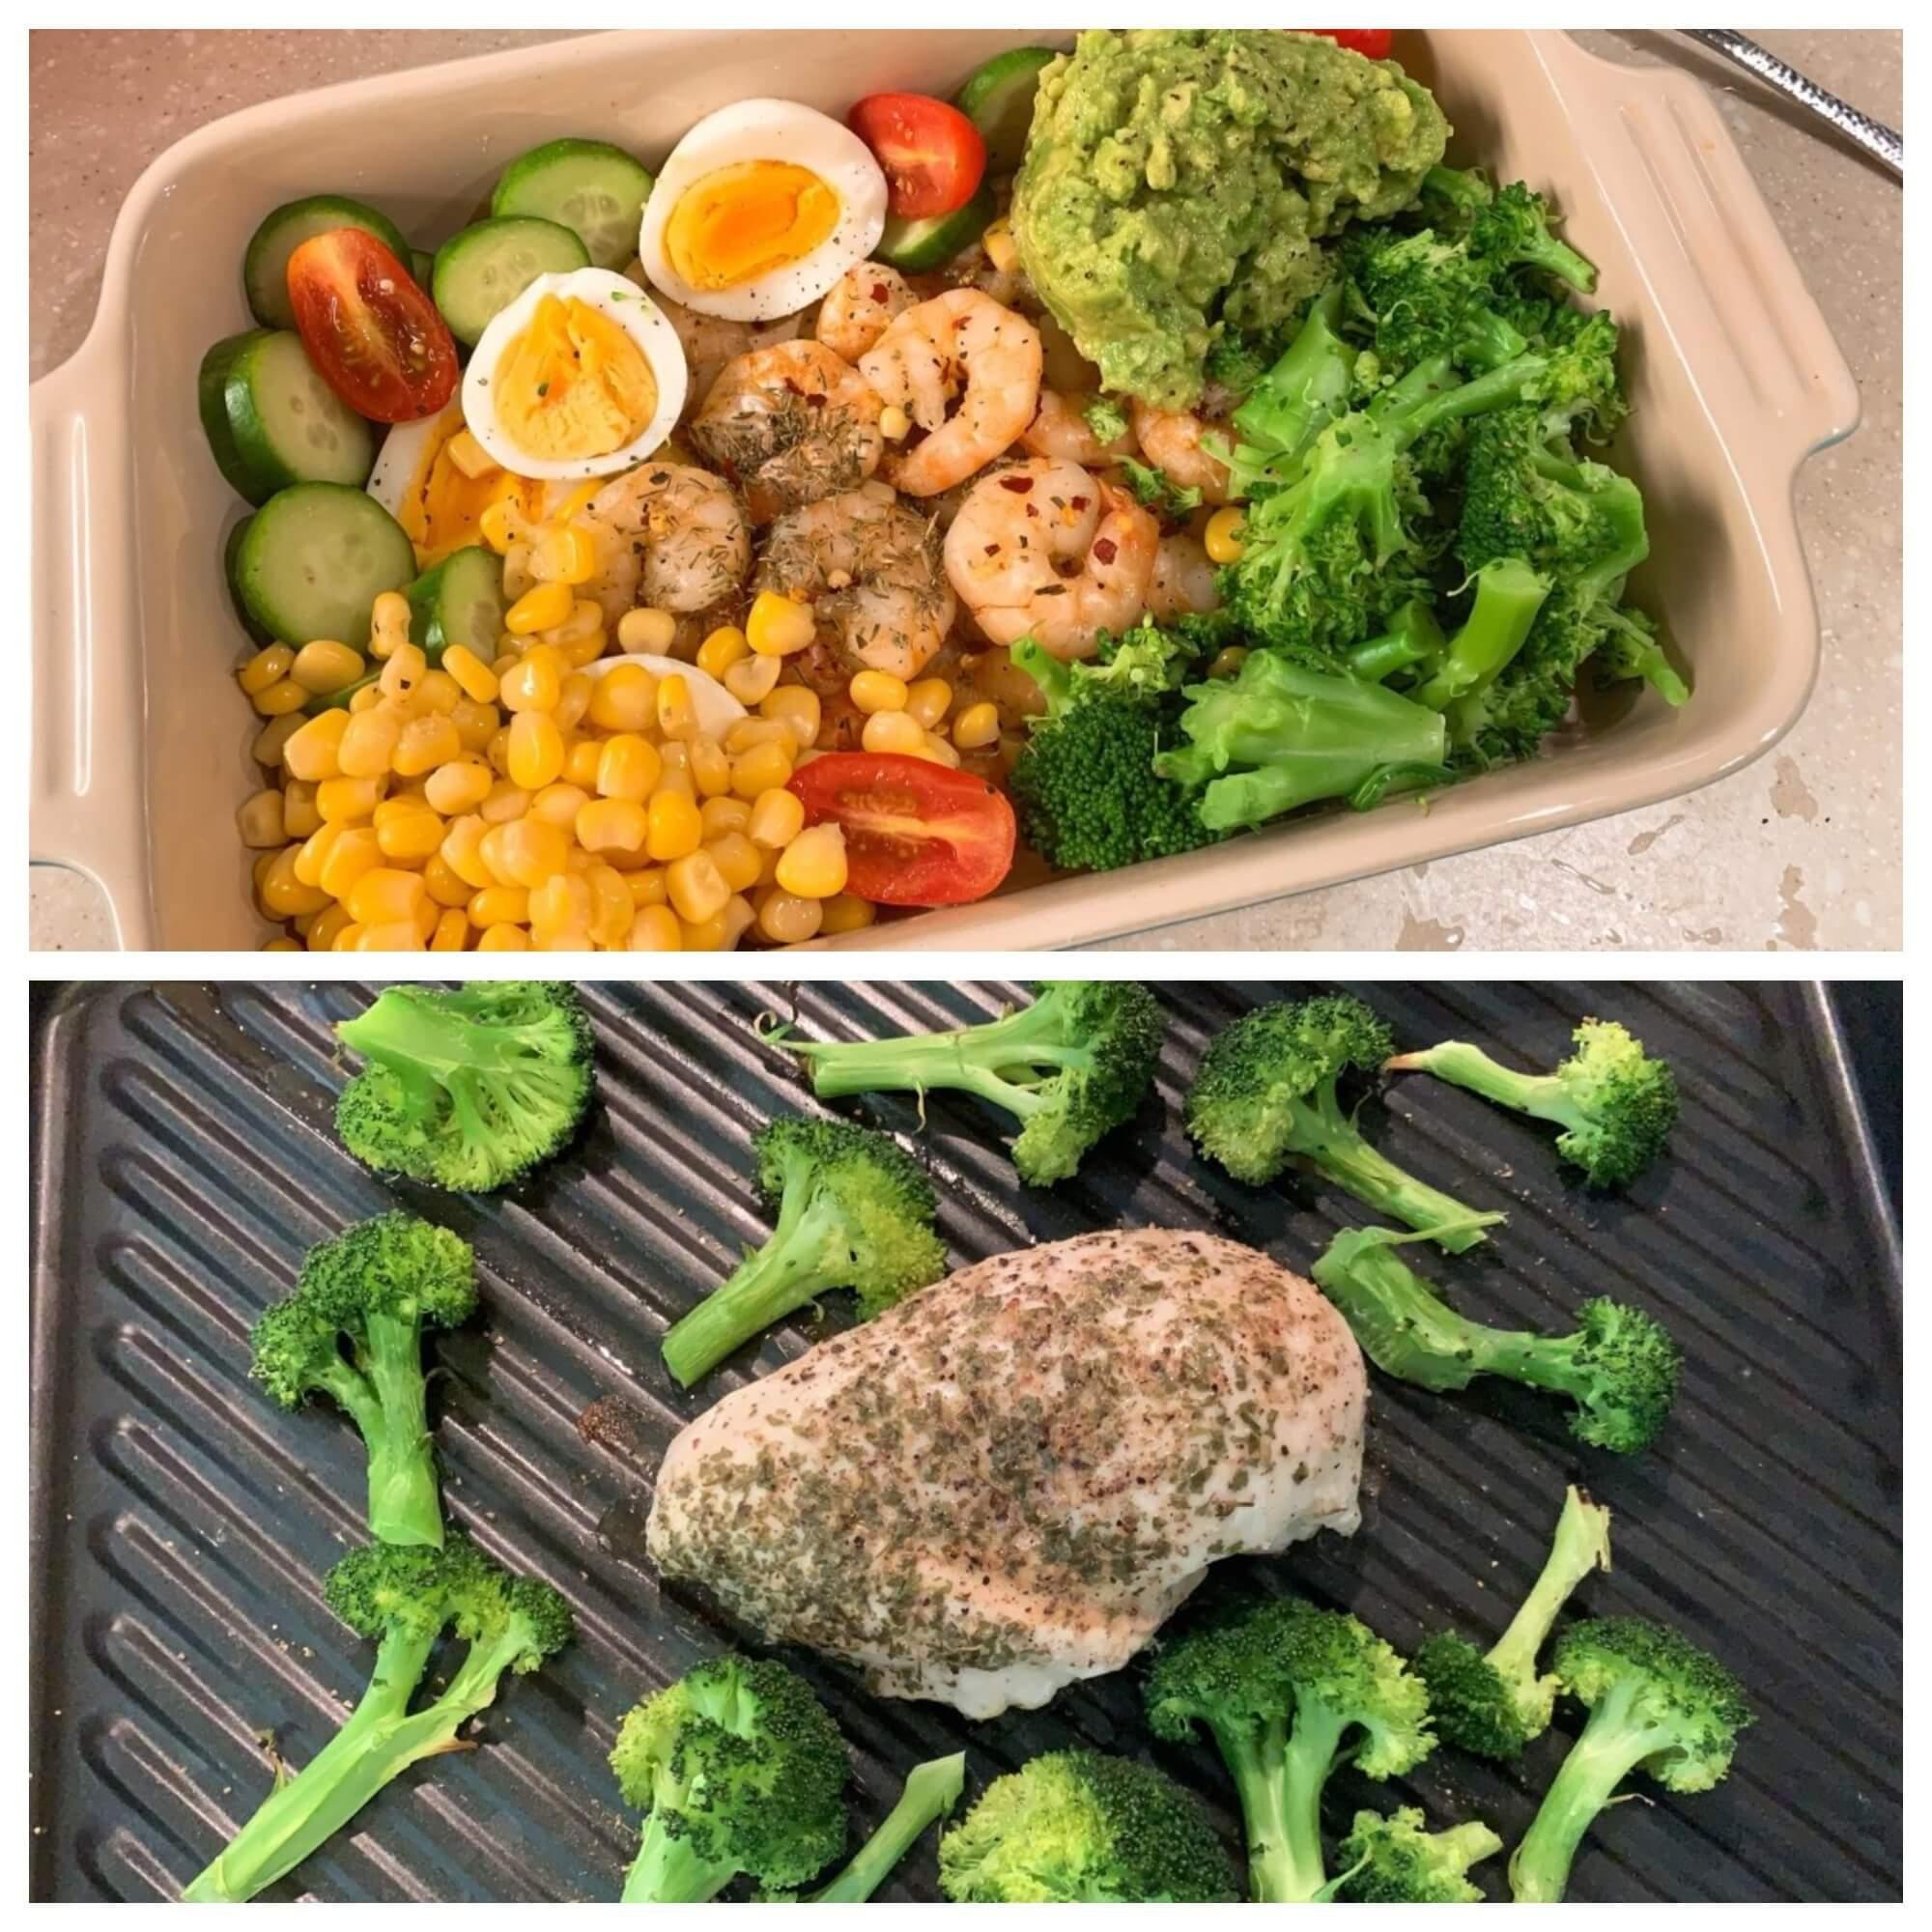 減肥餐單以蔬菜及蛋白質食品為主,配自製牛油果醬汁。